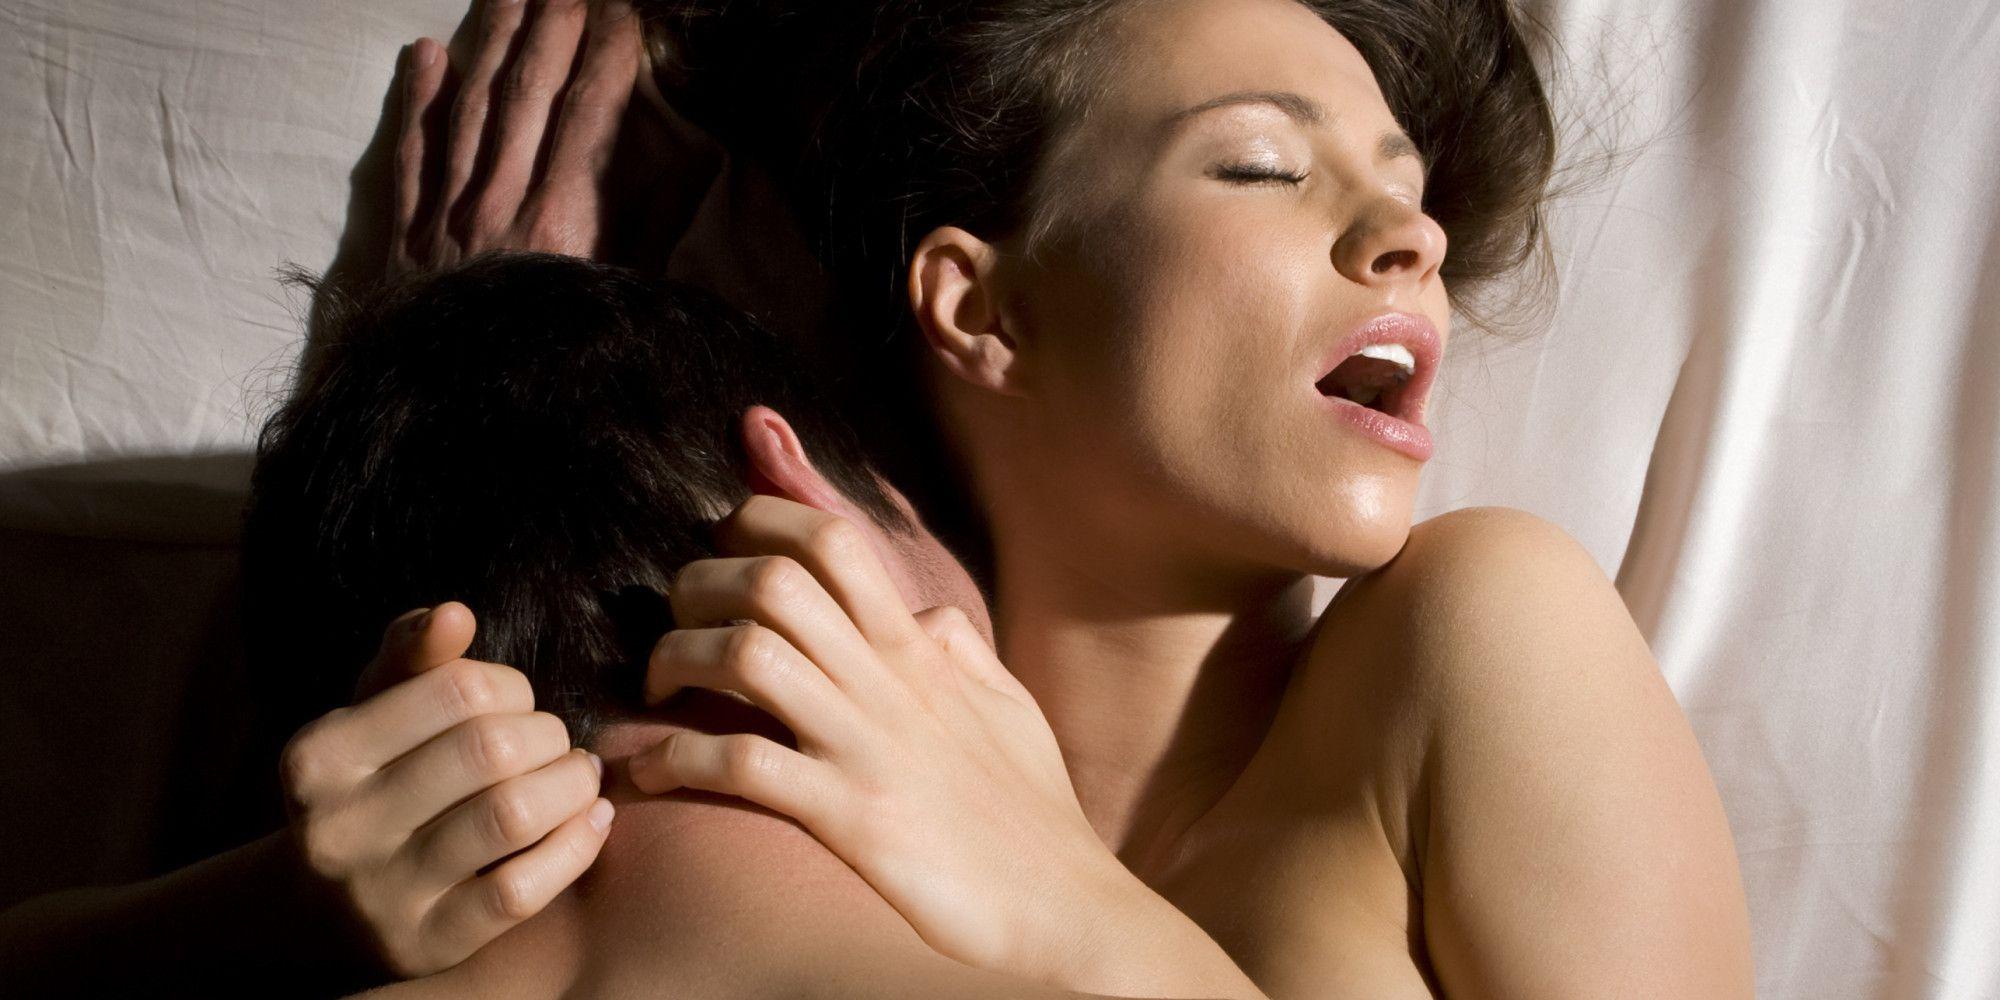 Заниматься сексом очень полезно для здоровья!